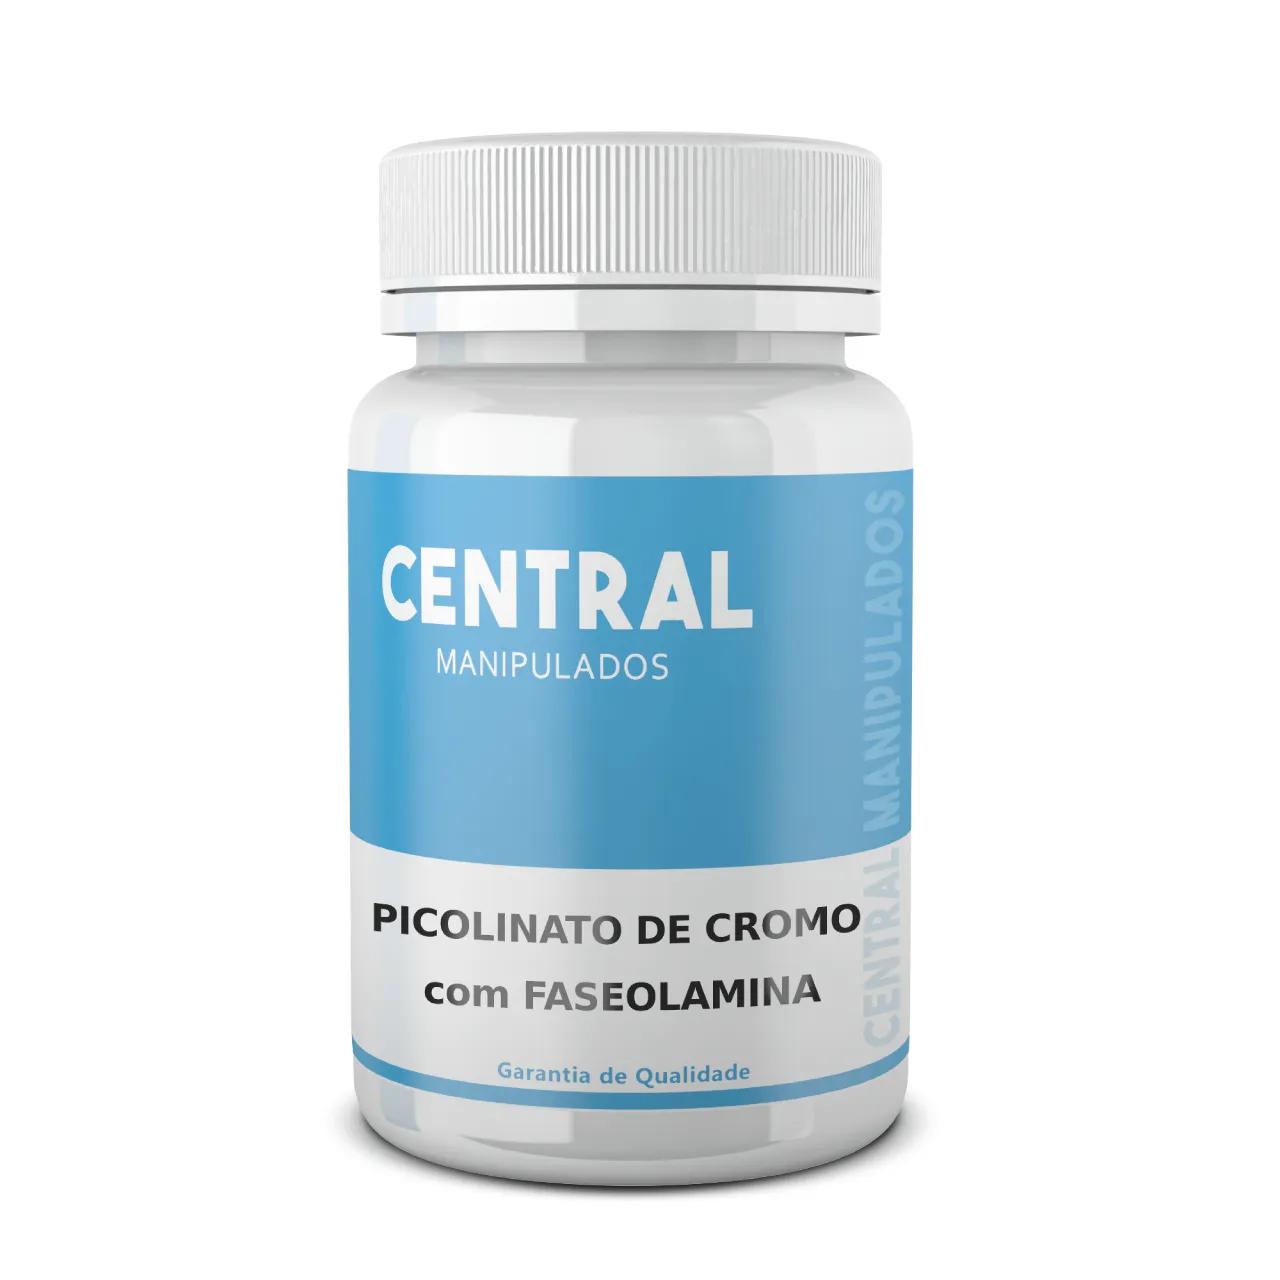 Picolinato de Cromo 250mcg + Faseolamina 500mg - 120 cápsulas - Emagrecimento, Reduz colesterol e triglicérideos, Bloqueador de Carboidratos, Melhora a saúde do intestino